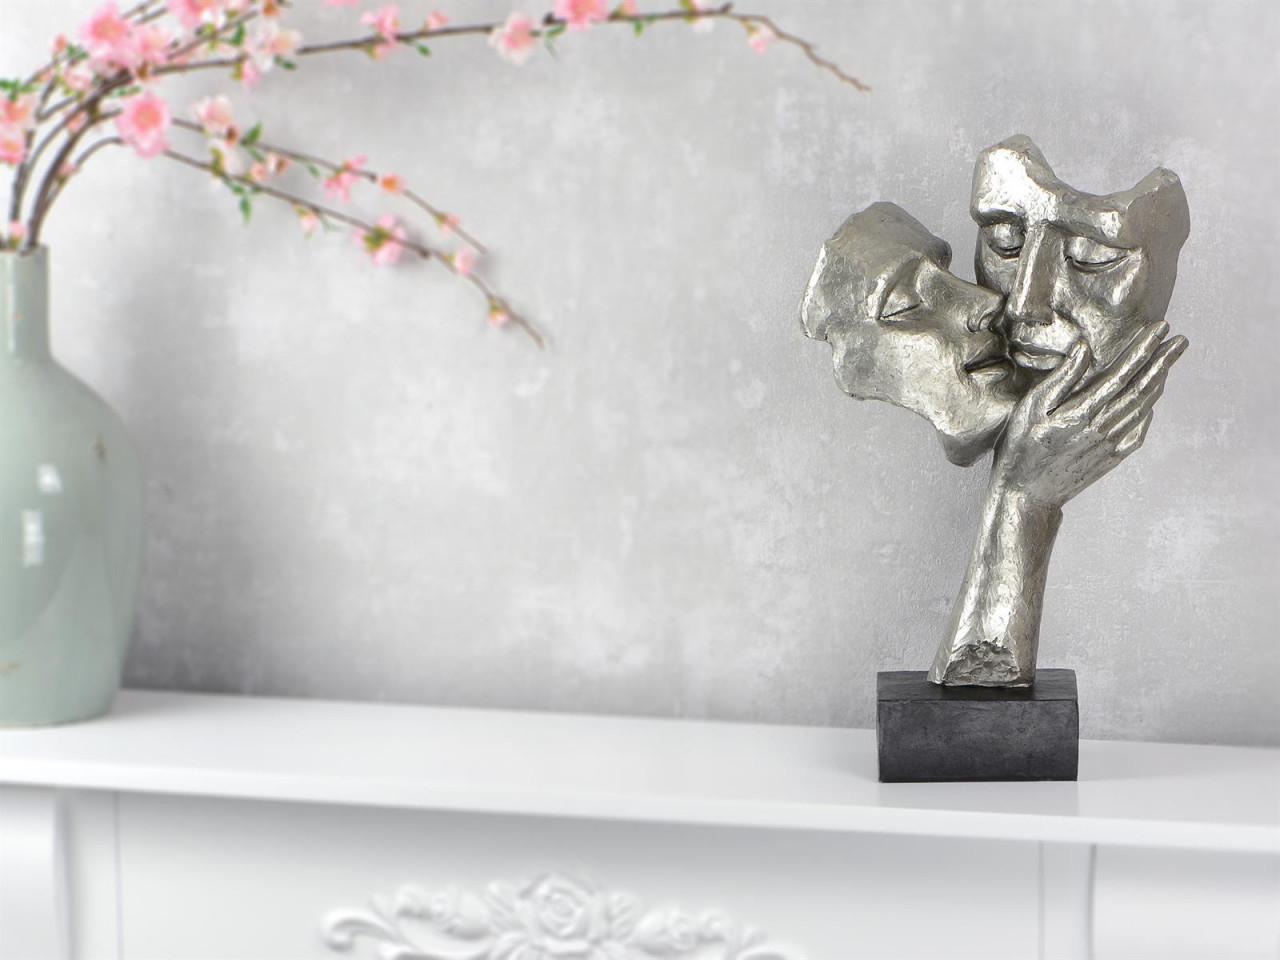 Dekoration Im Wohnzimmer Archive  Ordnung Und Mehr  Immer von Deko Objekte Wohnzimmer Photo